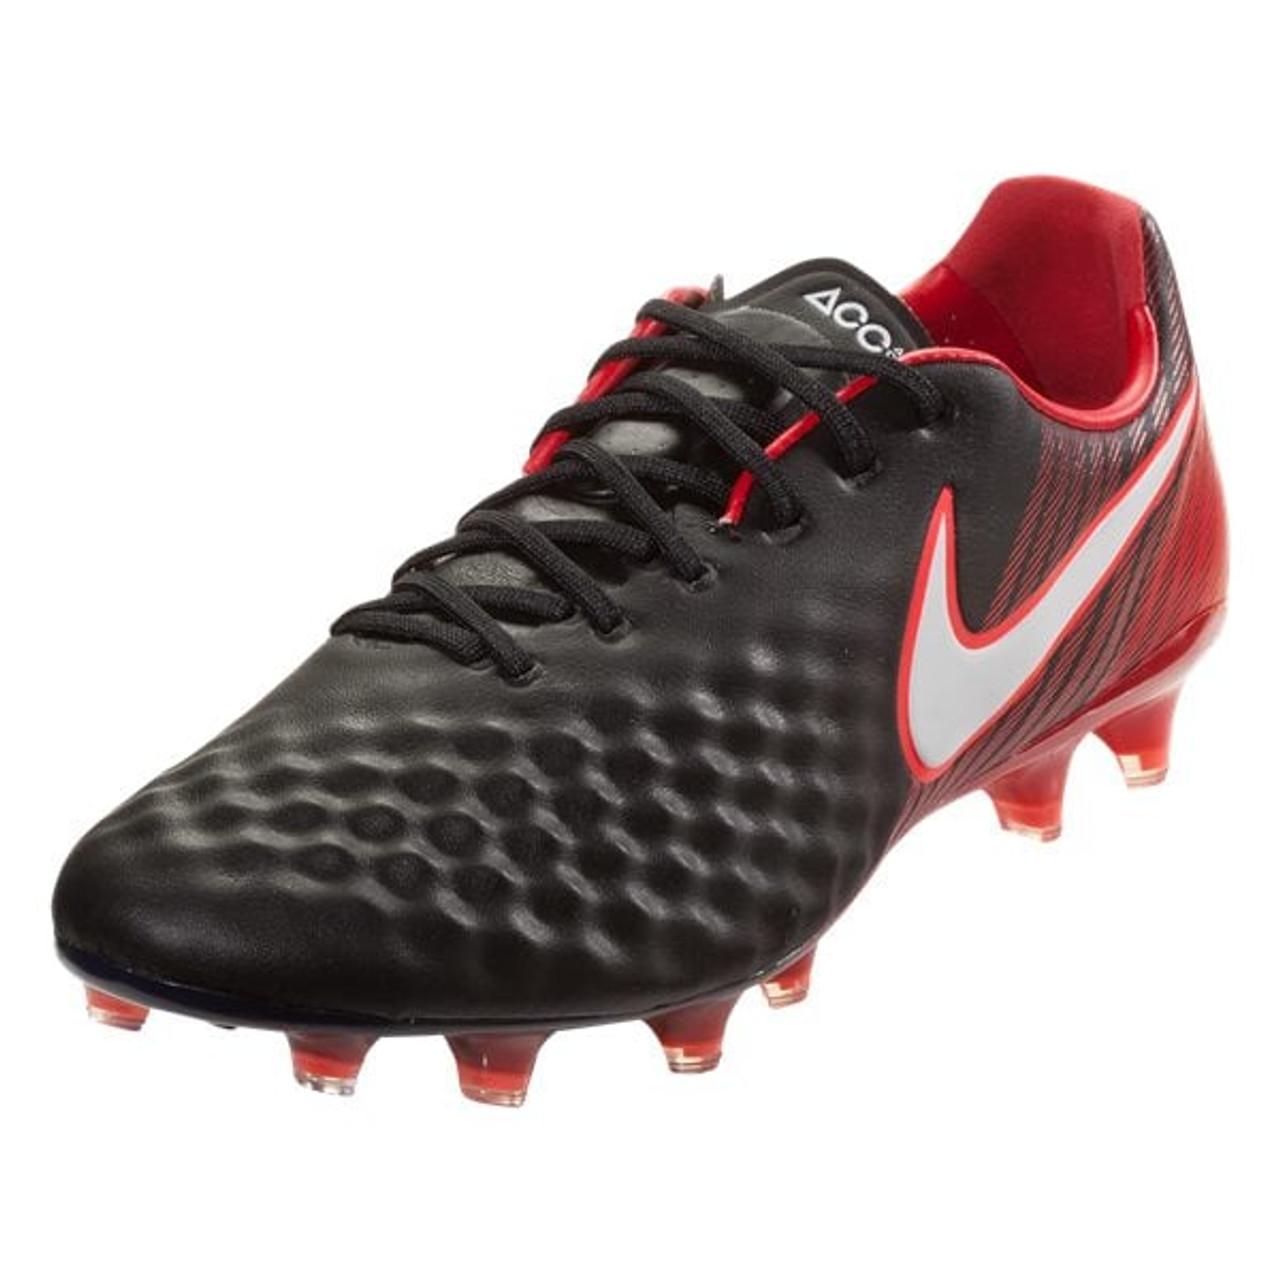 Nike Magista Opus II FG - Black White University Red (41618) - ohp soccer 38b00b15d